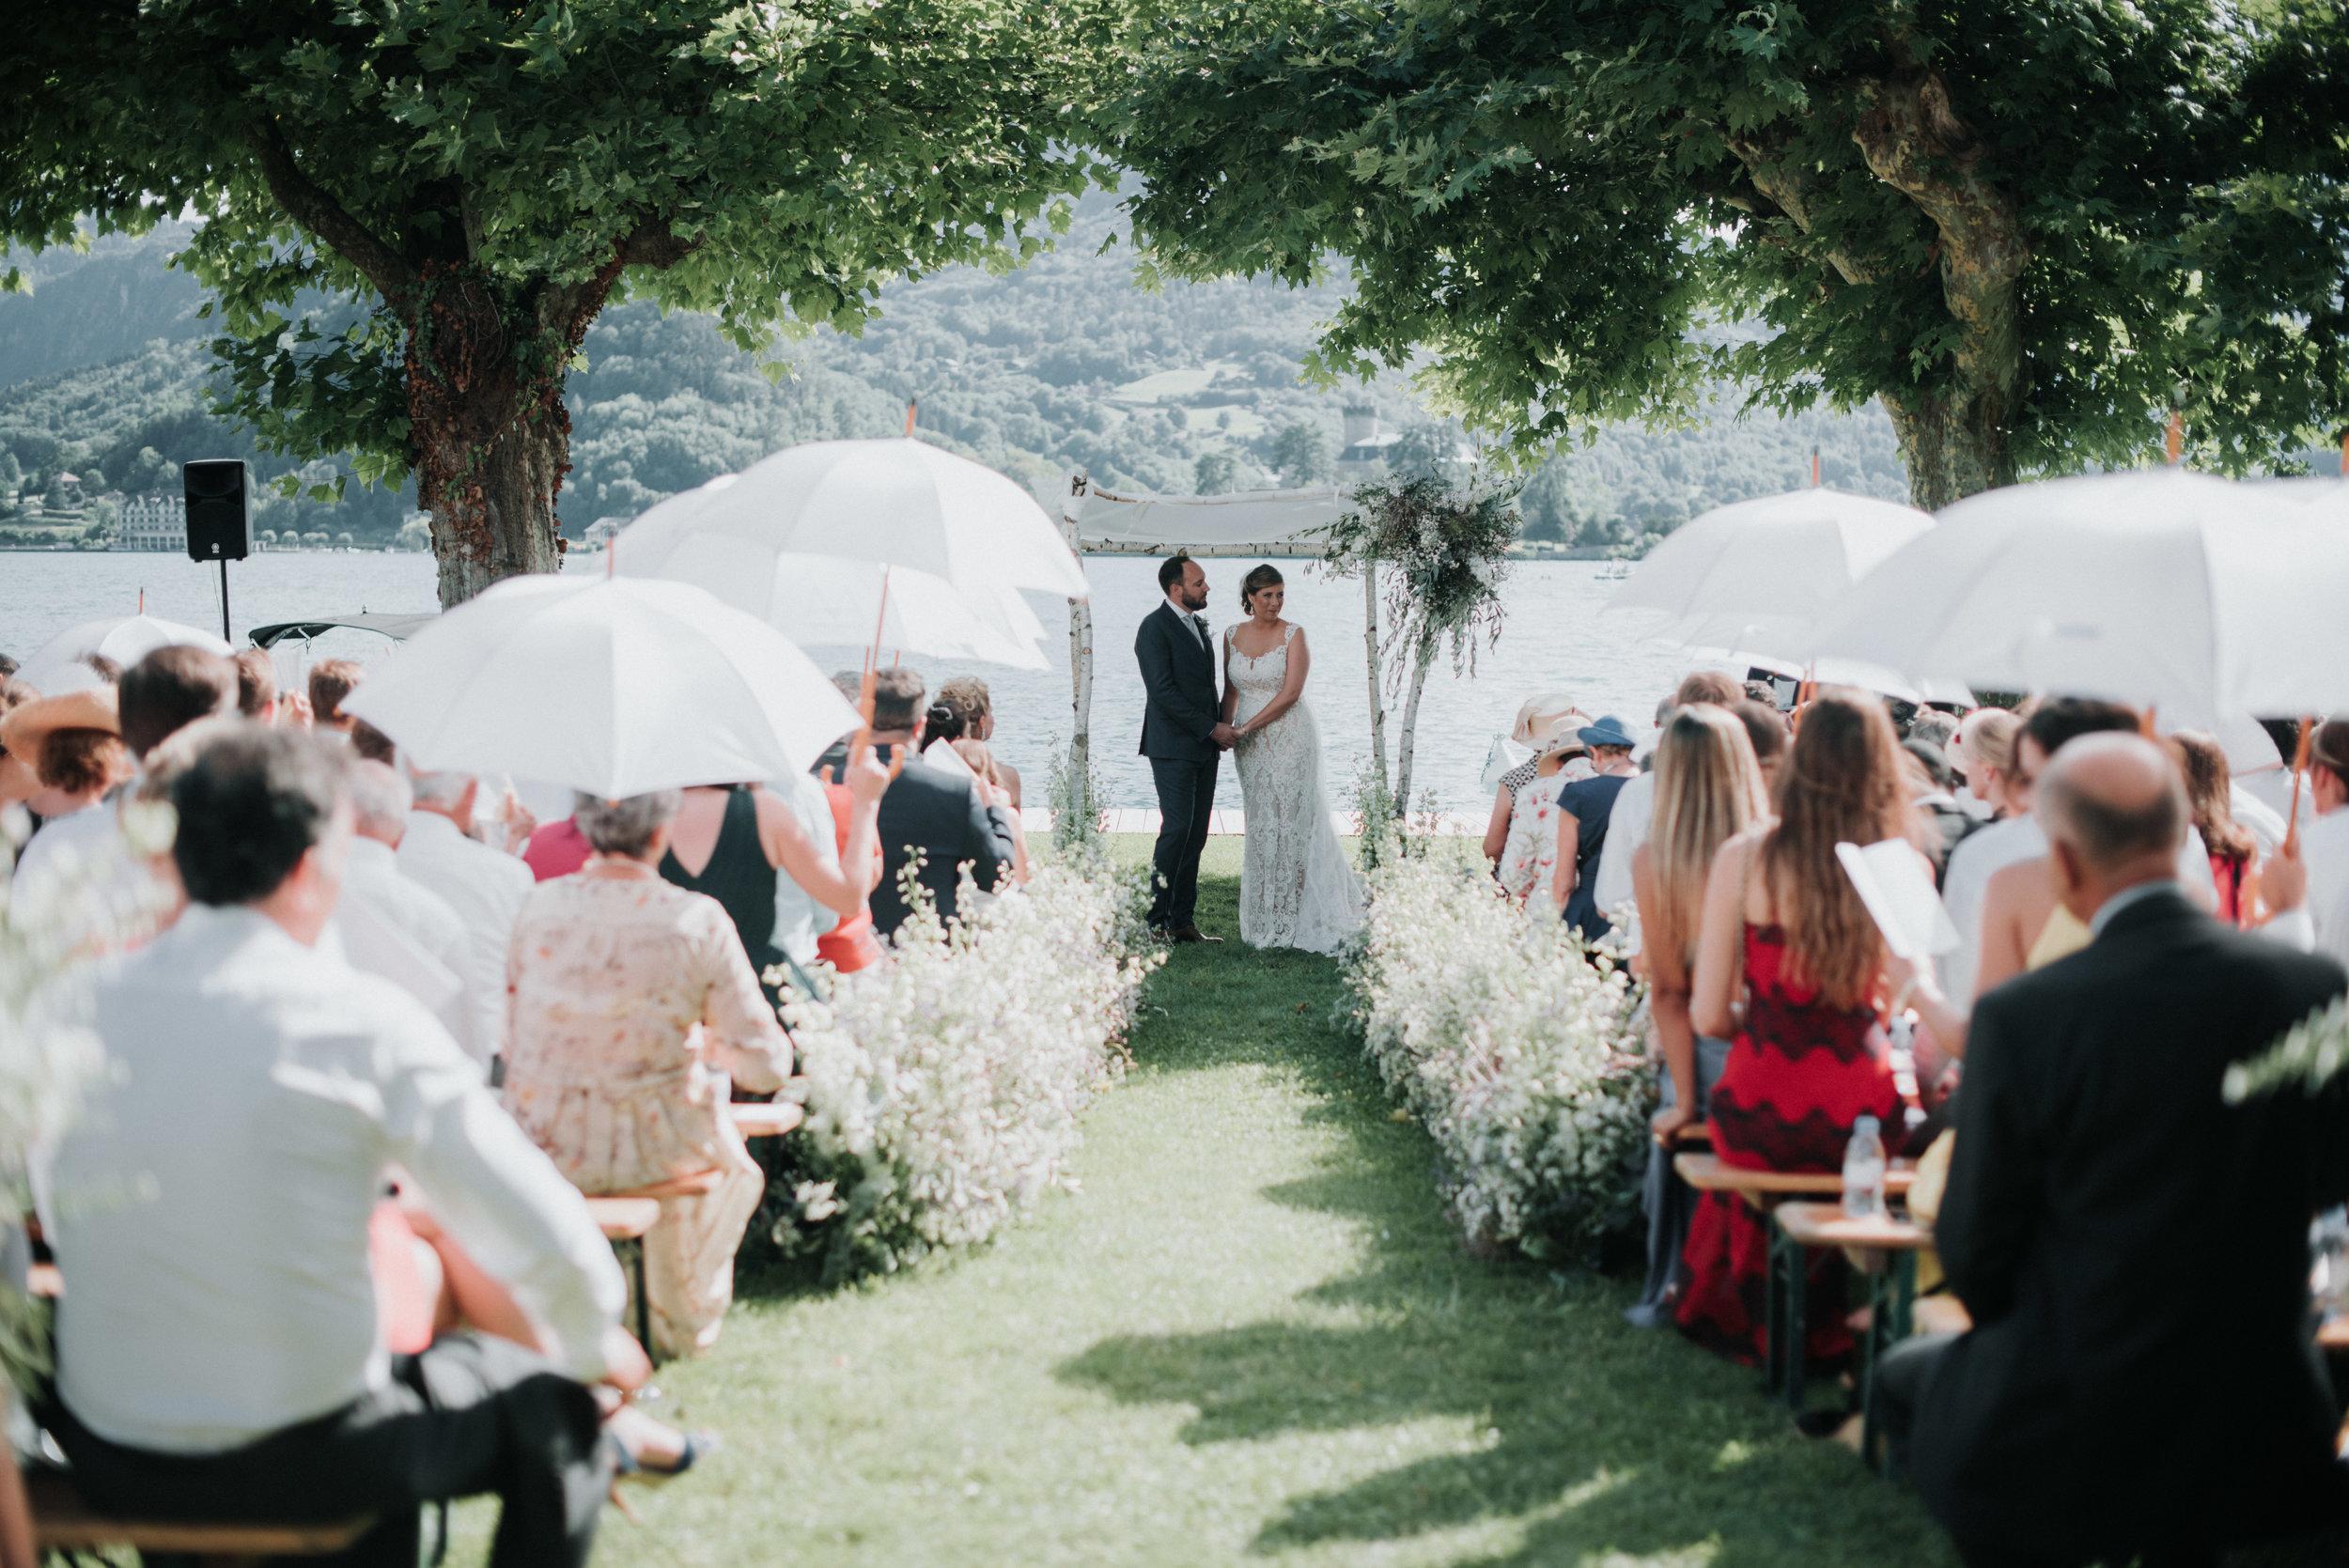 Léa-Fery-photographe-professionnel-lyon-rhone-alpes-portrait-creation-mariage-evenement-evenementiel-famille-0572.jpg